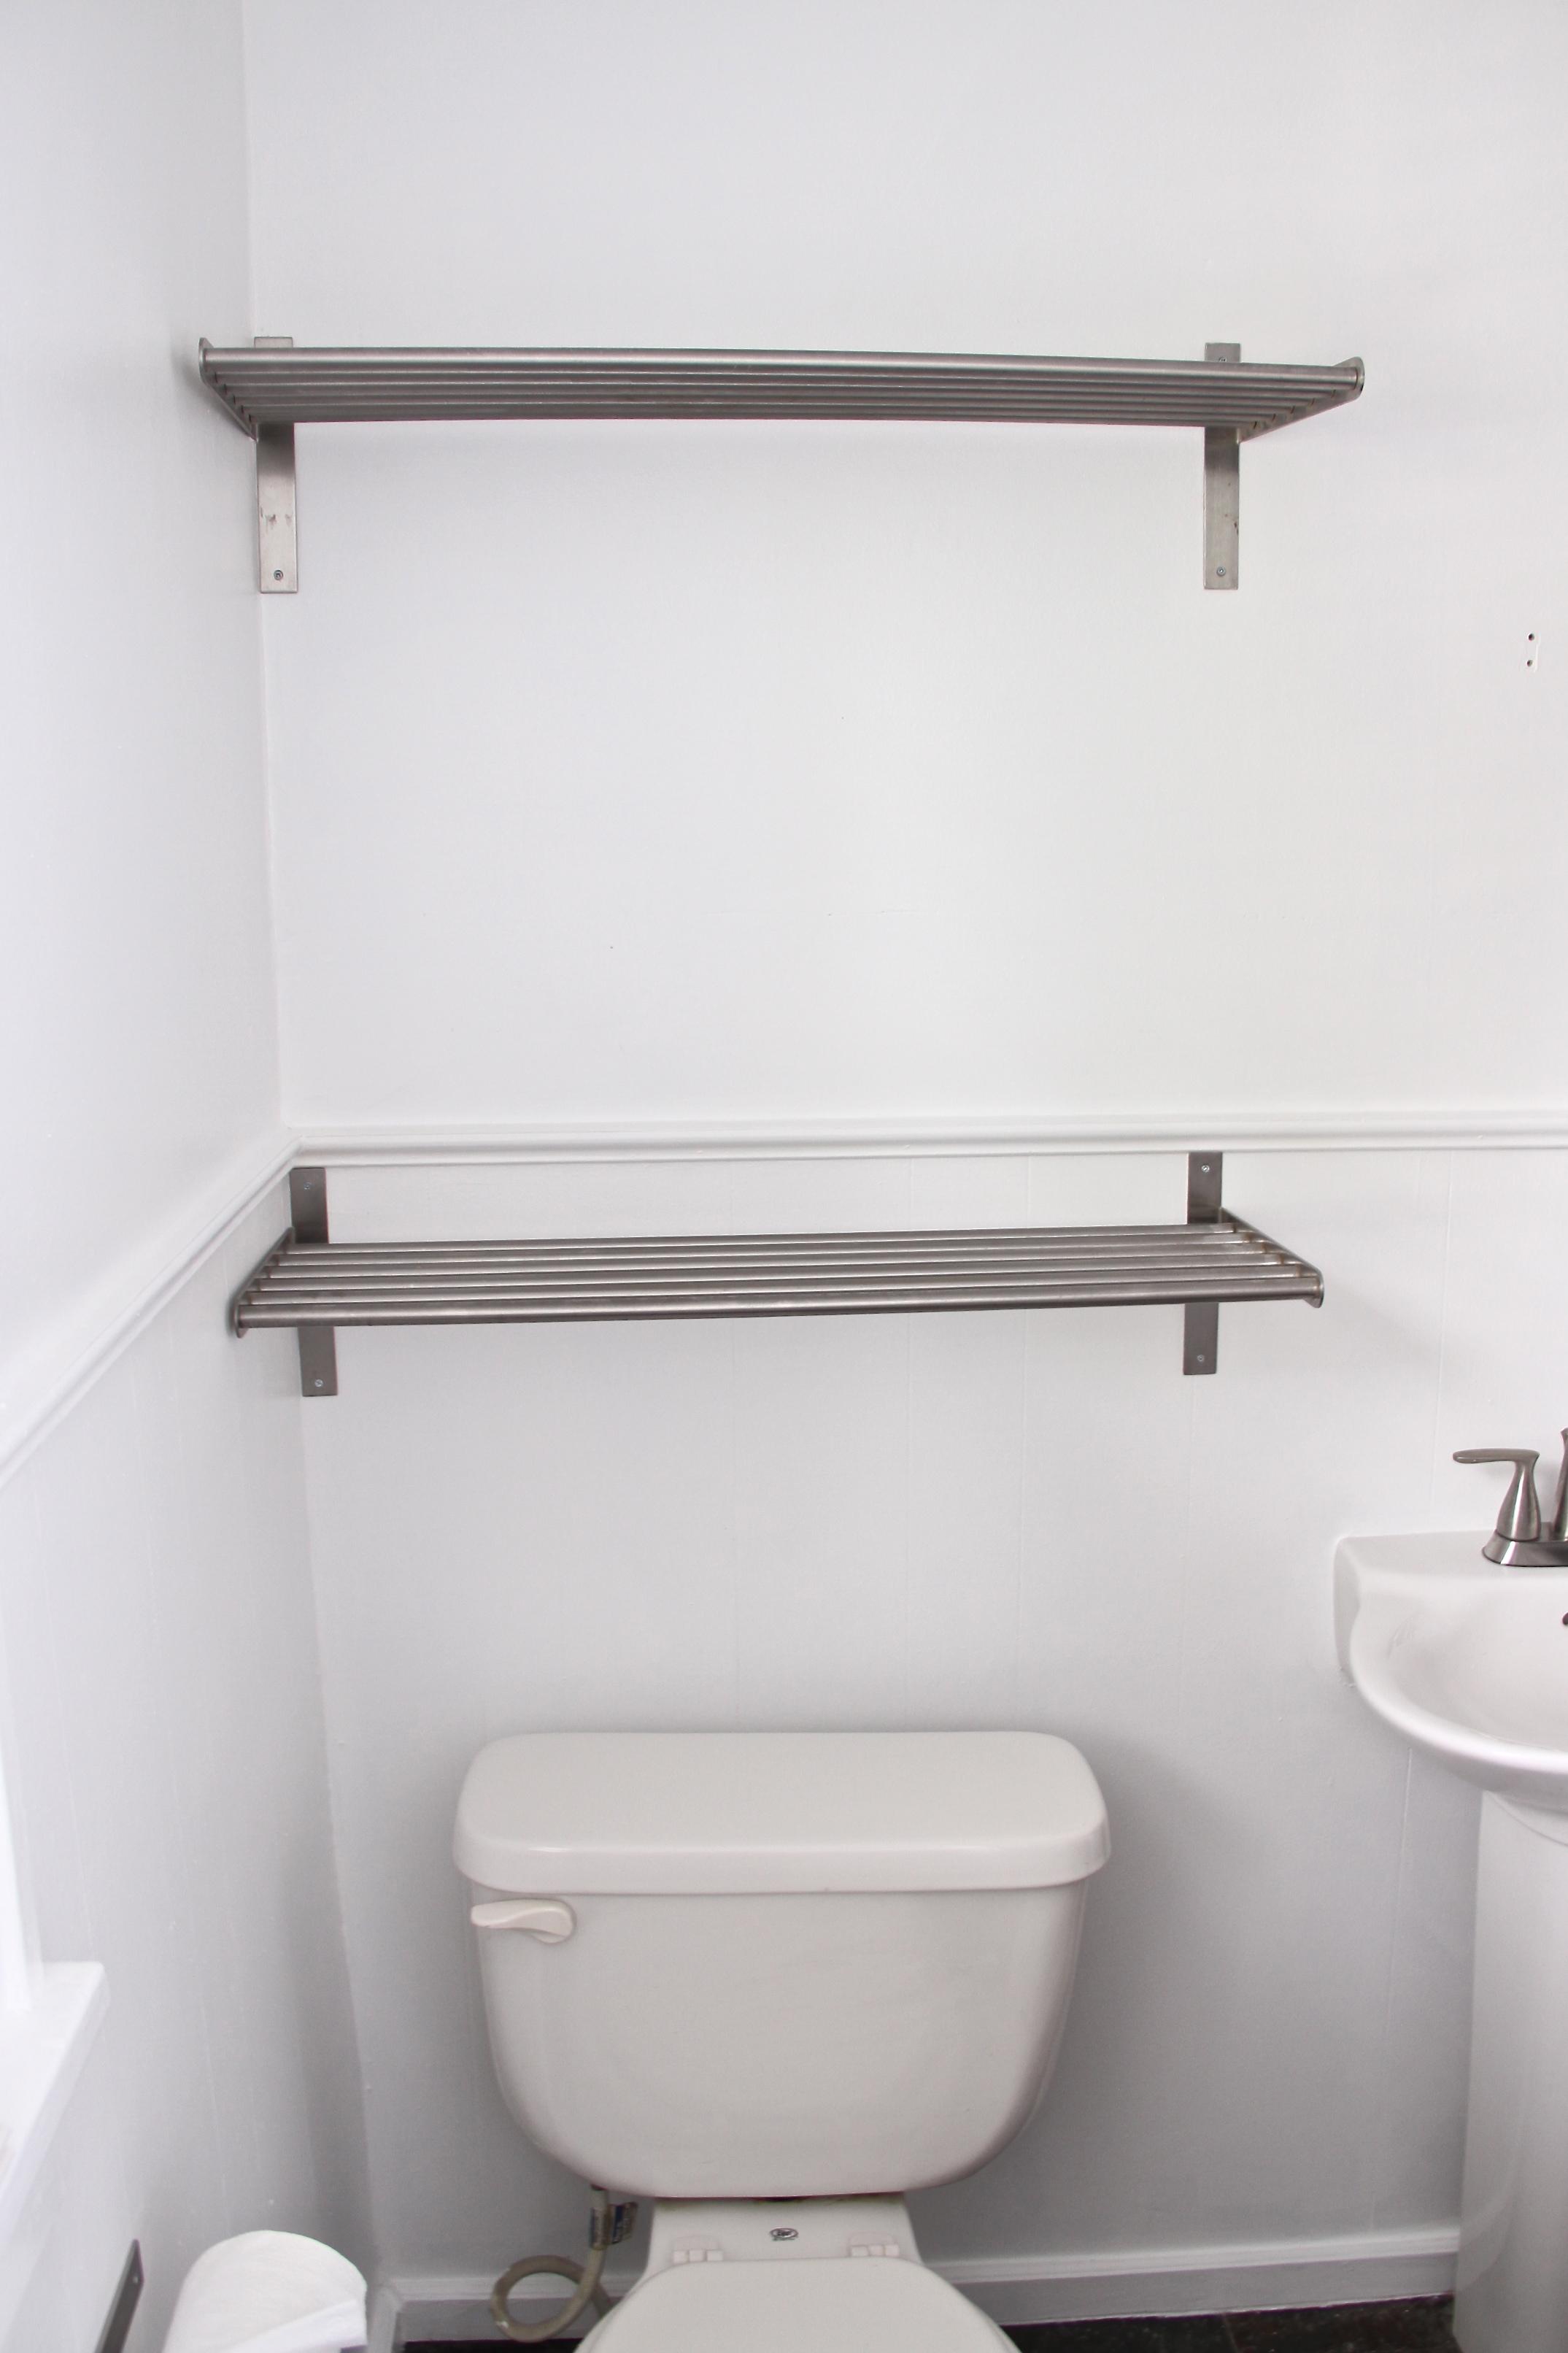 Bathroom Storage Box Seat Bathroom Storage Box Seat My Web